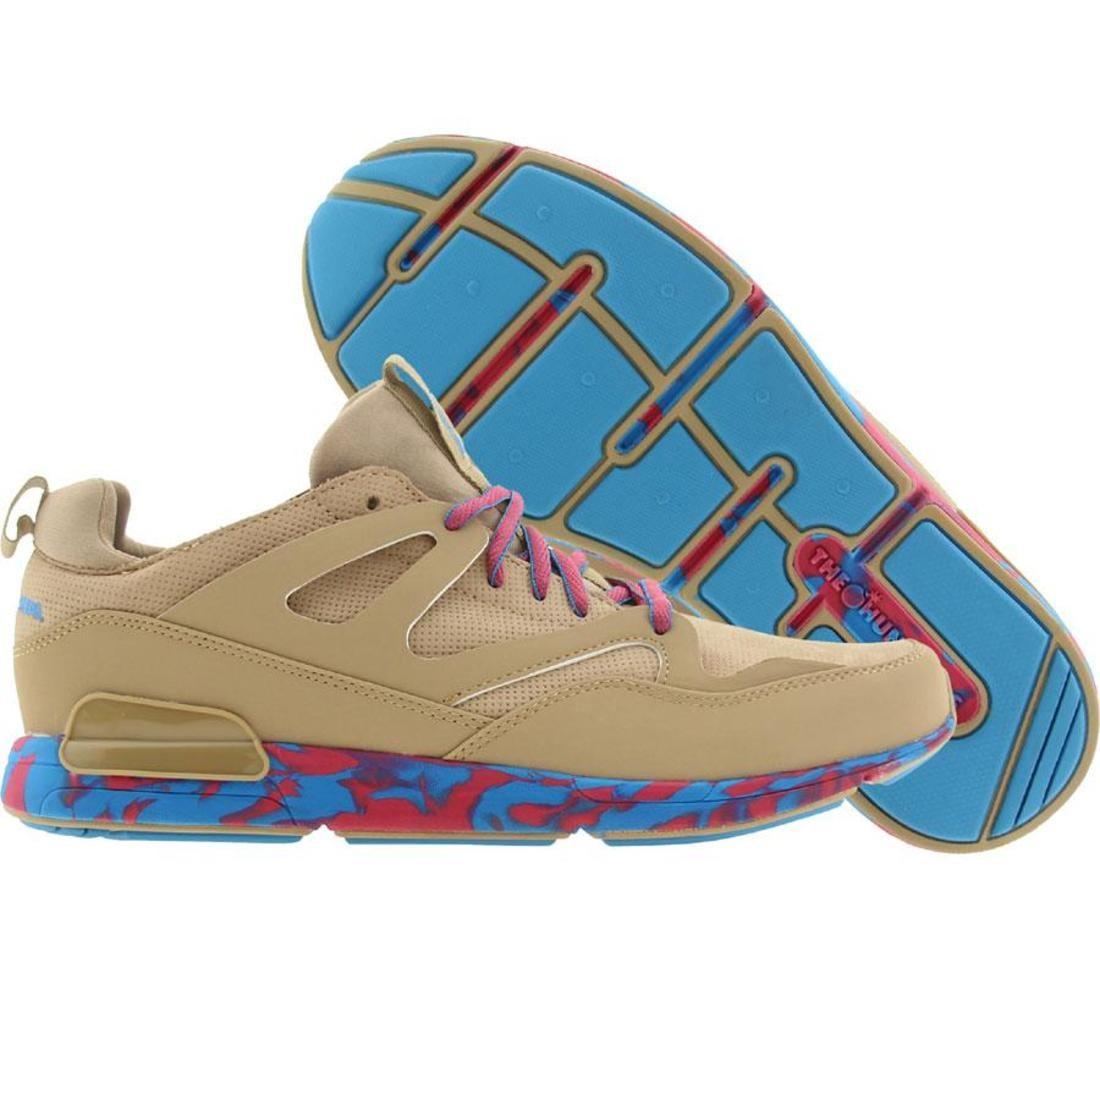 【海外限定】スニーカー メンズ靴 【 THE HUNDREDS MEN HOYA KHAKI NUBUCK 】